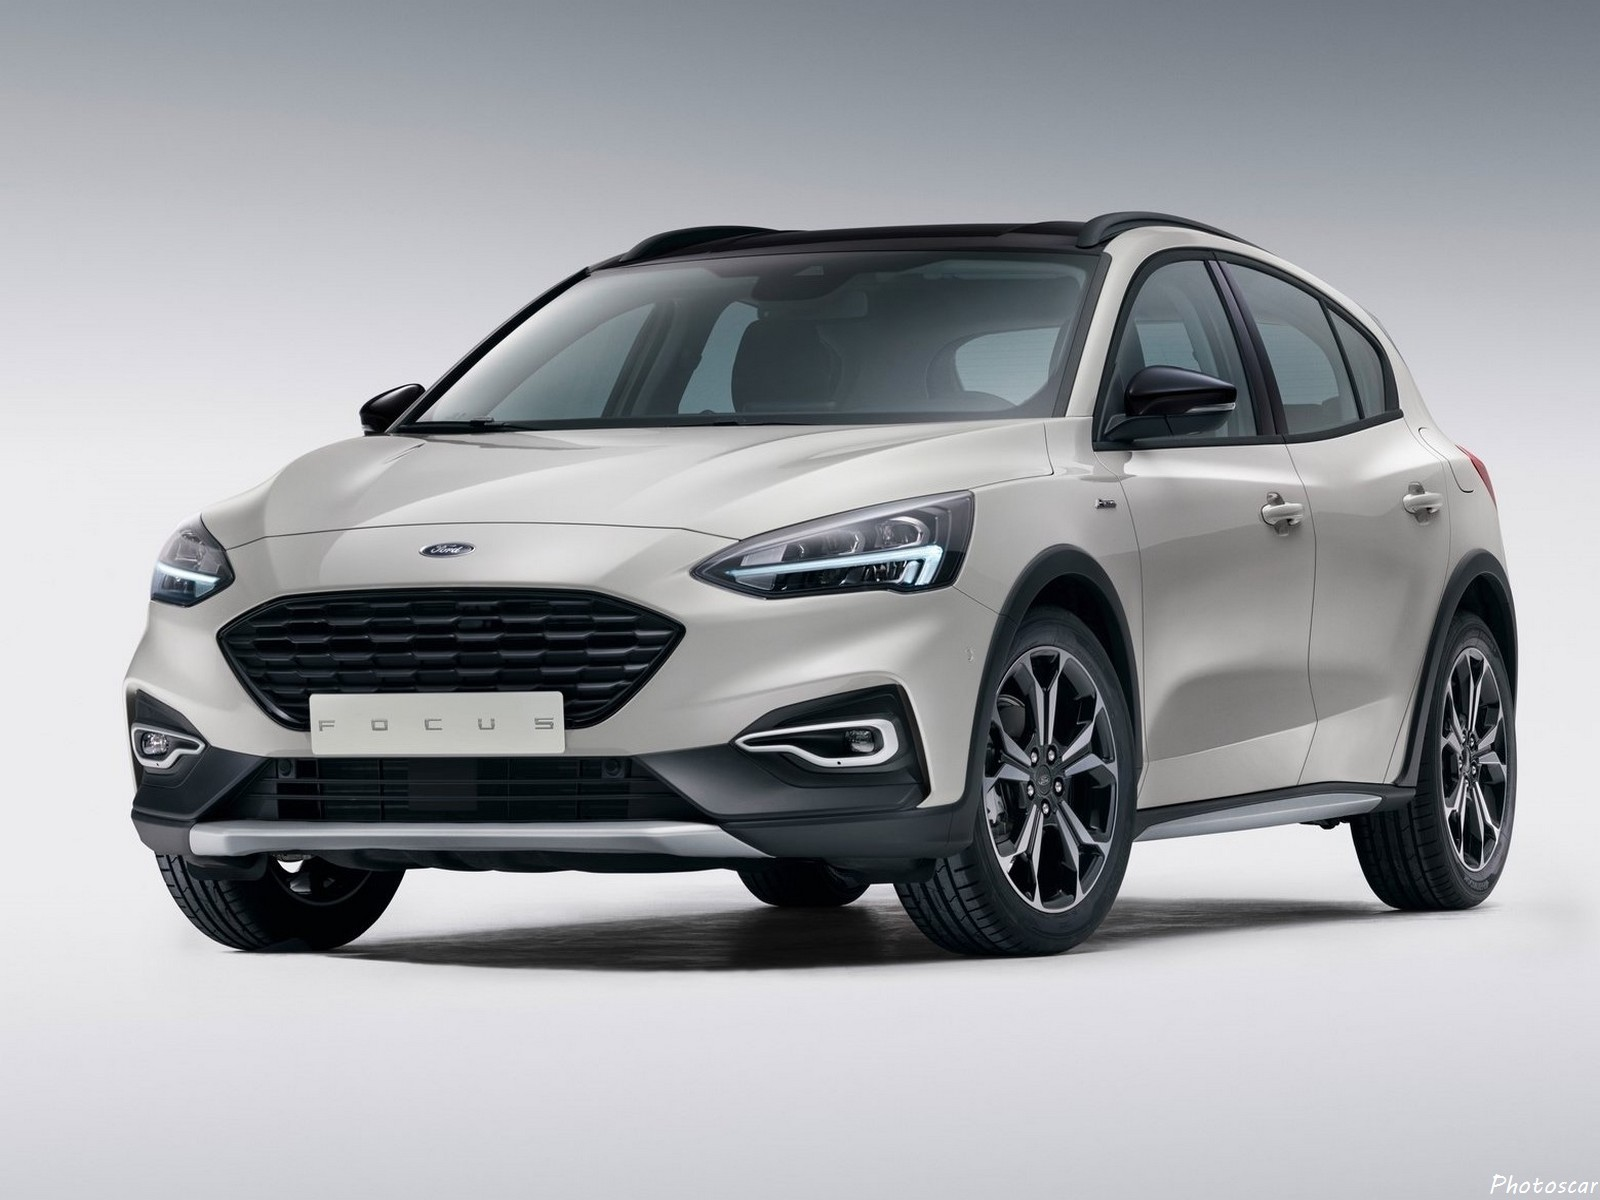 Ford Focus Active 2019: La nouvelle génération du compact crossover